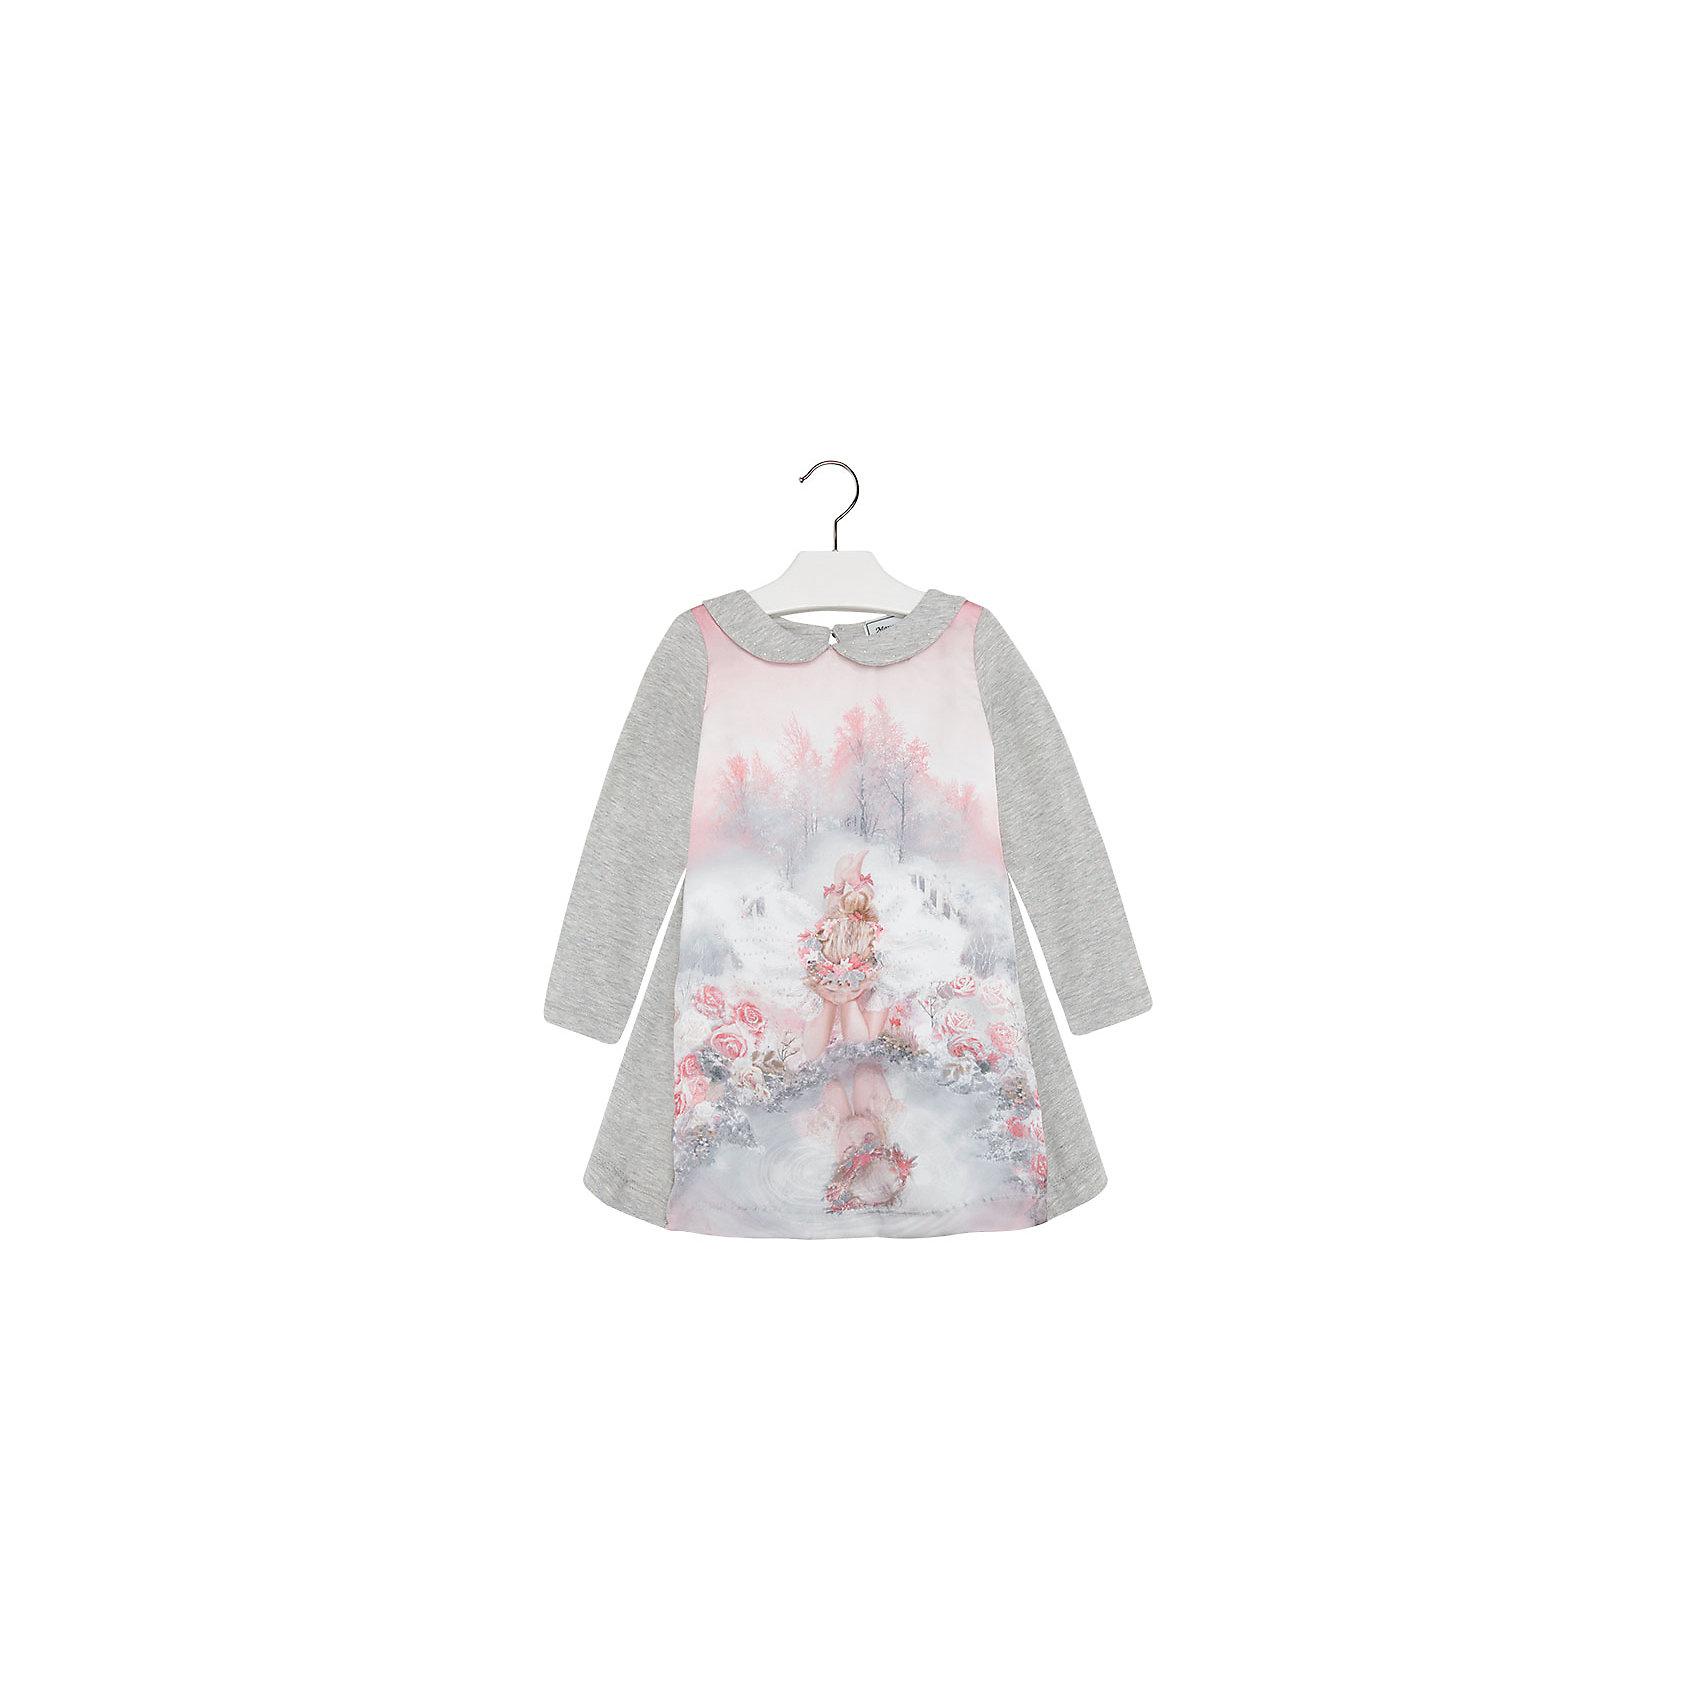 Платье MayoralПлатье для девочки от известной испанской марки Mayoral.<br>Модное платье от известного бренда Mayoral поможет девочке создать и повседневный, и нарядный образ. Удобный крой и качественный материал обеспечит ребенку комфорт при ношении этой вещи.<br>Модель имеет следующие особенности:<br><br>- цвет – серо-розовый;<br>- полочка с принтом;<br>- ткань - мягкий трикотаж;<br>- отложной воротник, округлая горловина;<br>- длинные рукава;<br>- сзади застегивается на пуговицу.<br><br>Состав: хлопок 67%, эластан 3%, полиэстер 30%<br>Уход за изделием:<br><br>• стирка в машине при температуре до 30°С,<br>• не отбеливать,<br>• гладить на низкой температуре.<br>Габариты:<br><br>длина рукава – 34 см,<br>длина по спинке – 50 см.<br><br>*Числовые параметры соответствуют росту 98<br><br>Платье для девочки Mayoral (Майорал) можно купить в нашем магазине.<br><br>Ширина мм: 236<br>Глубина мм: 16<br>Высота мм: 184<br>Вес г: 177<br>Цвет: белый<br>Возраст от месяцев: 18<br>Возраст до месяцев: 24<br>Пол: Женский<br>Возраст: Детский<br>Размер: 110,116,104,122,128,134,92,98<br>SKU: 4192188